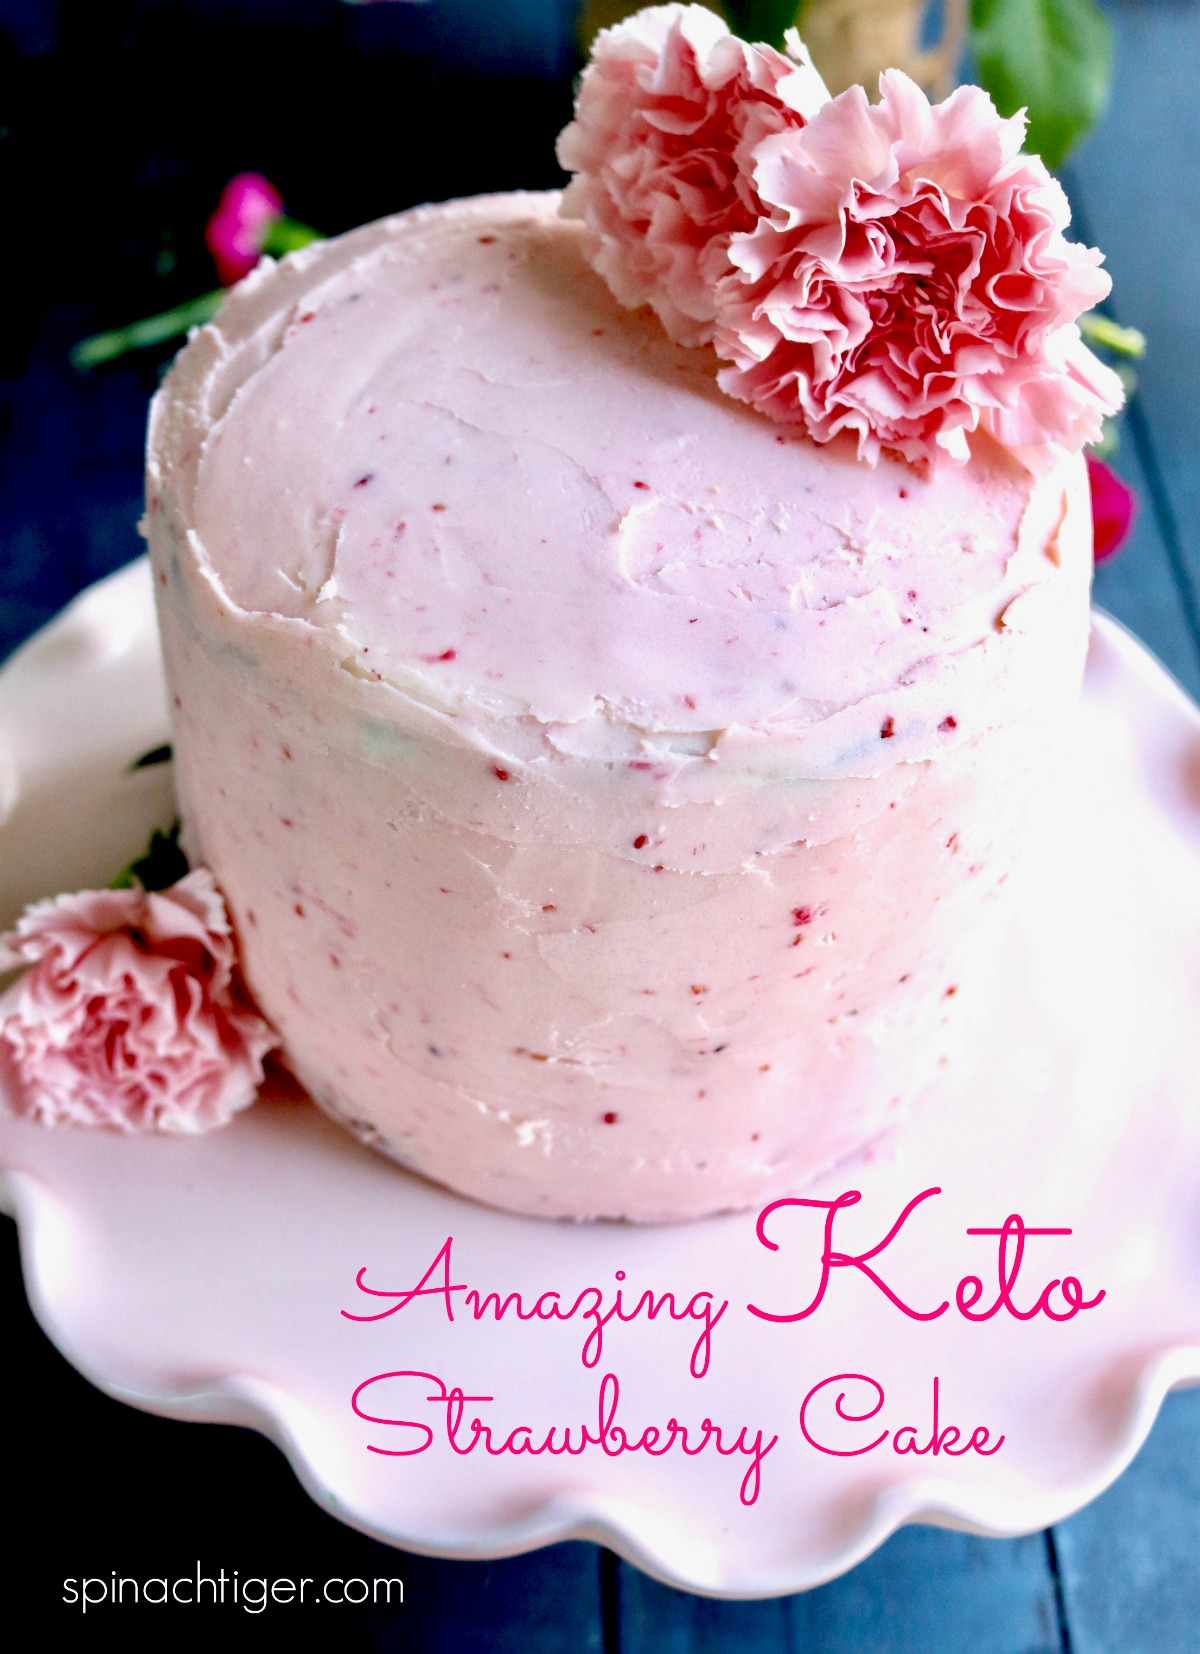 Keto Roasted Strawberry Cake